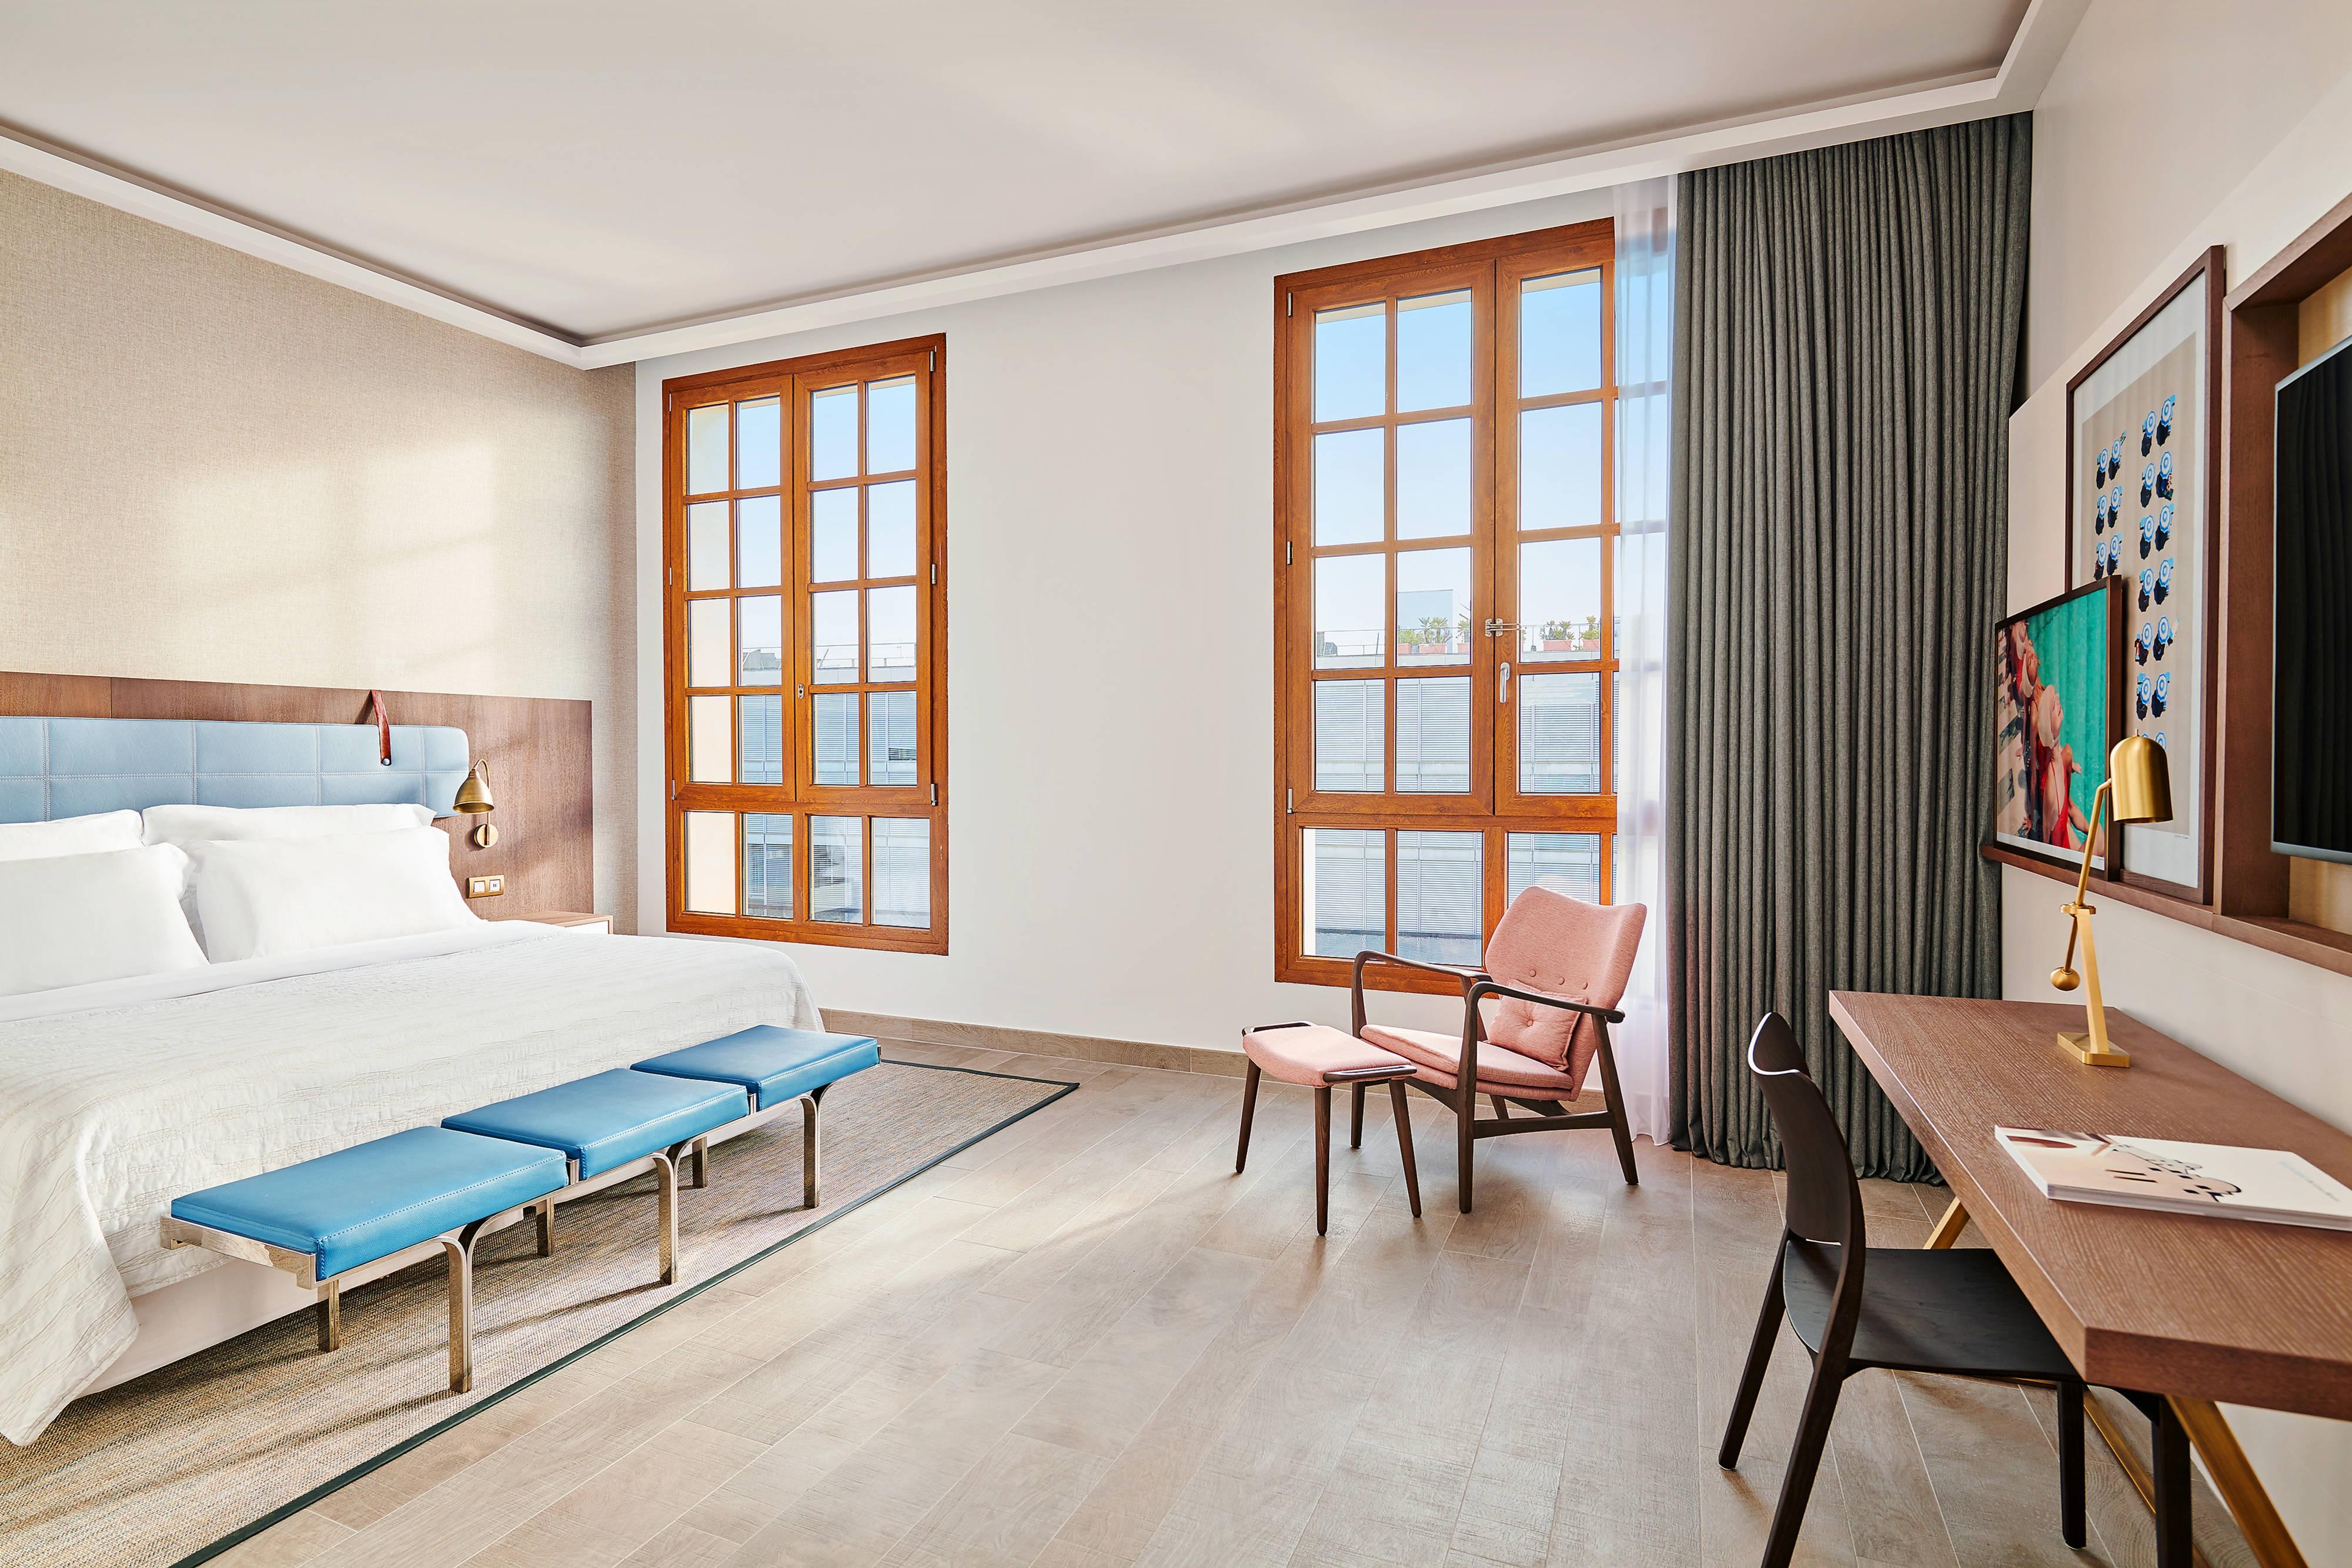 Habitación Deluxe con cama tamaño King